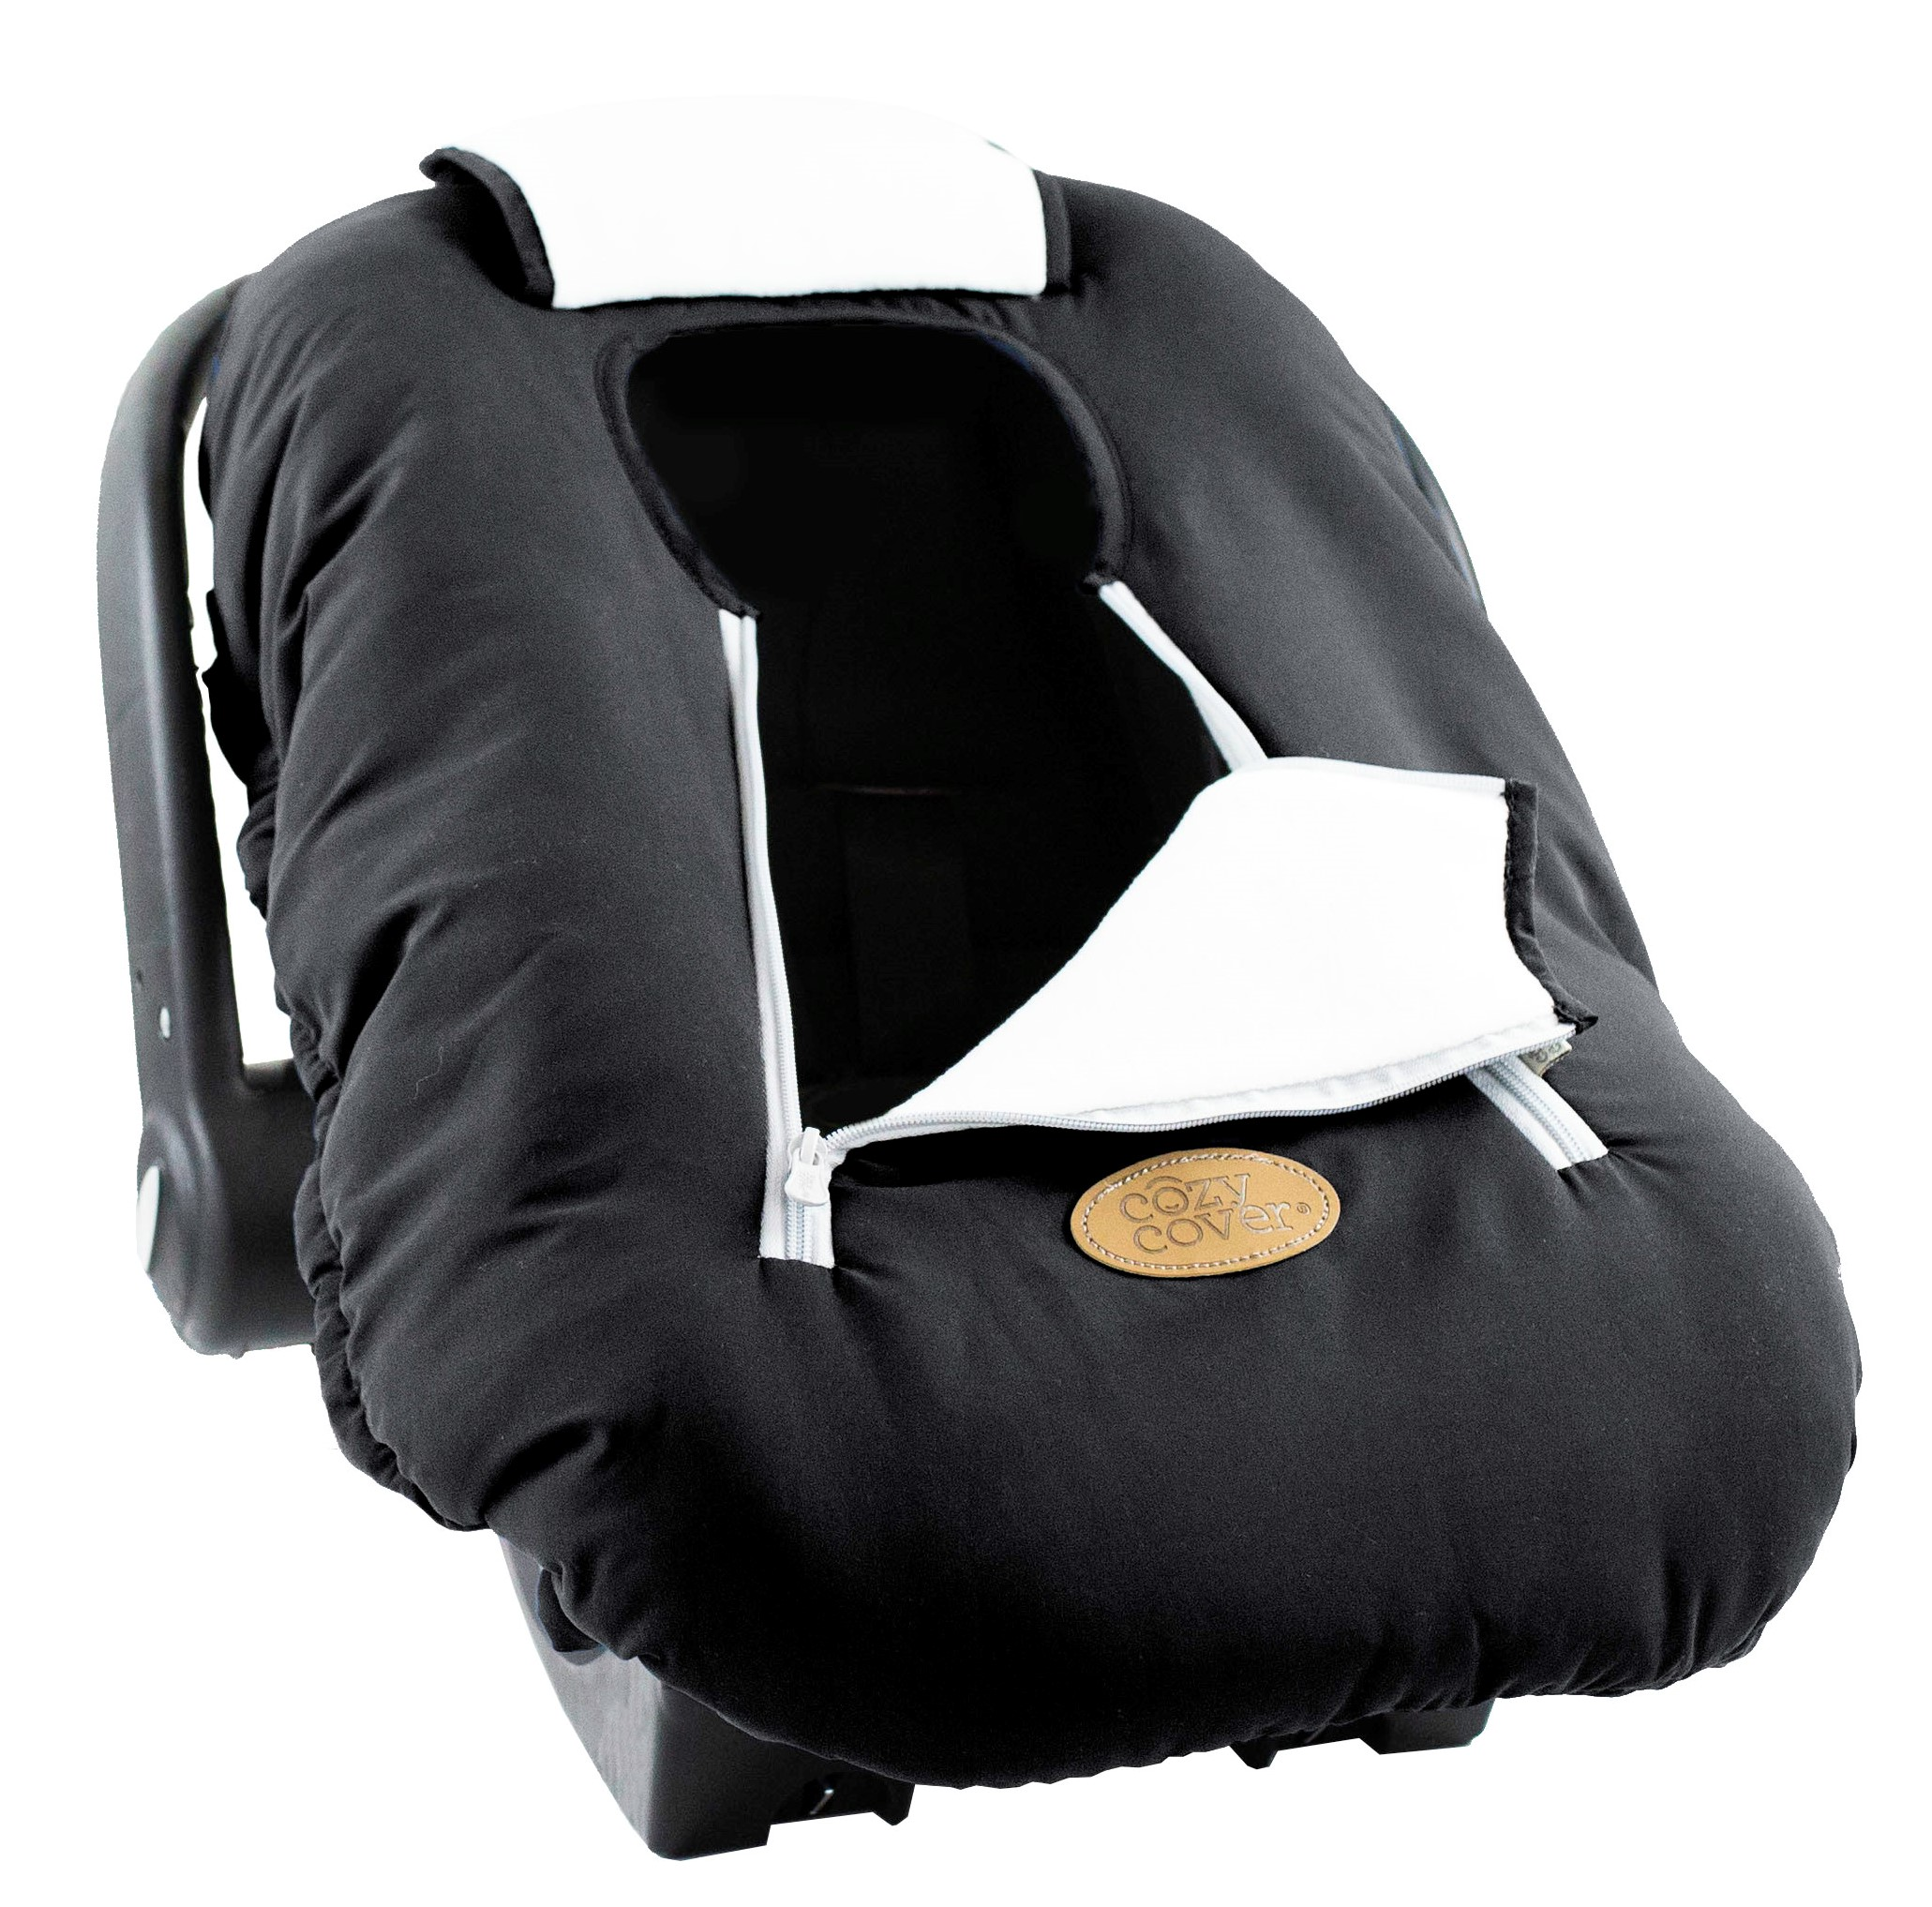 Cozy Cover Infant Carrier Cover Midnight Black Walmart Com Walmart Com